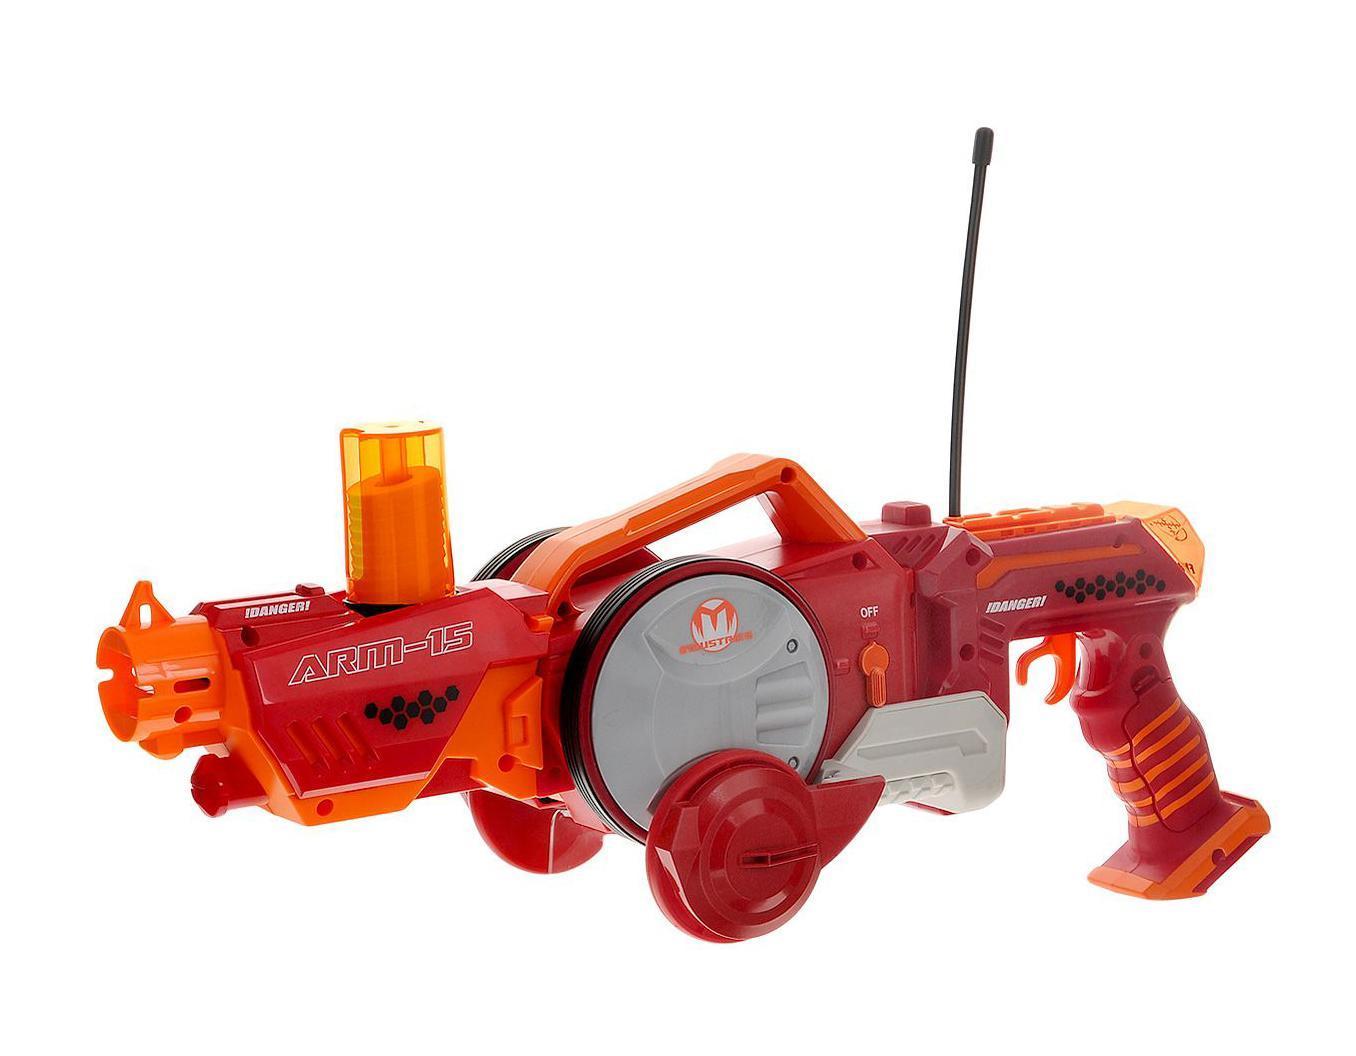 Maisto Игрушка-трансформер на радиоуправлении Armered Attack81192_красный, оранжевый_3774Машина р/у Armered Attack арт. 81192 - трансформирующаяся игрушка (бластер-вездеход) стреляющая дисками. Игрушка трансформируется из пушки в машинку с пультом, стреляет мягкими дисками, которые не травмируют людей и животных.